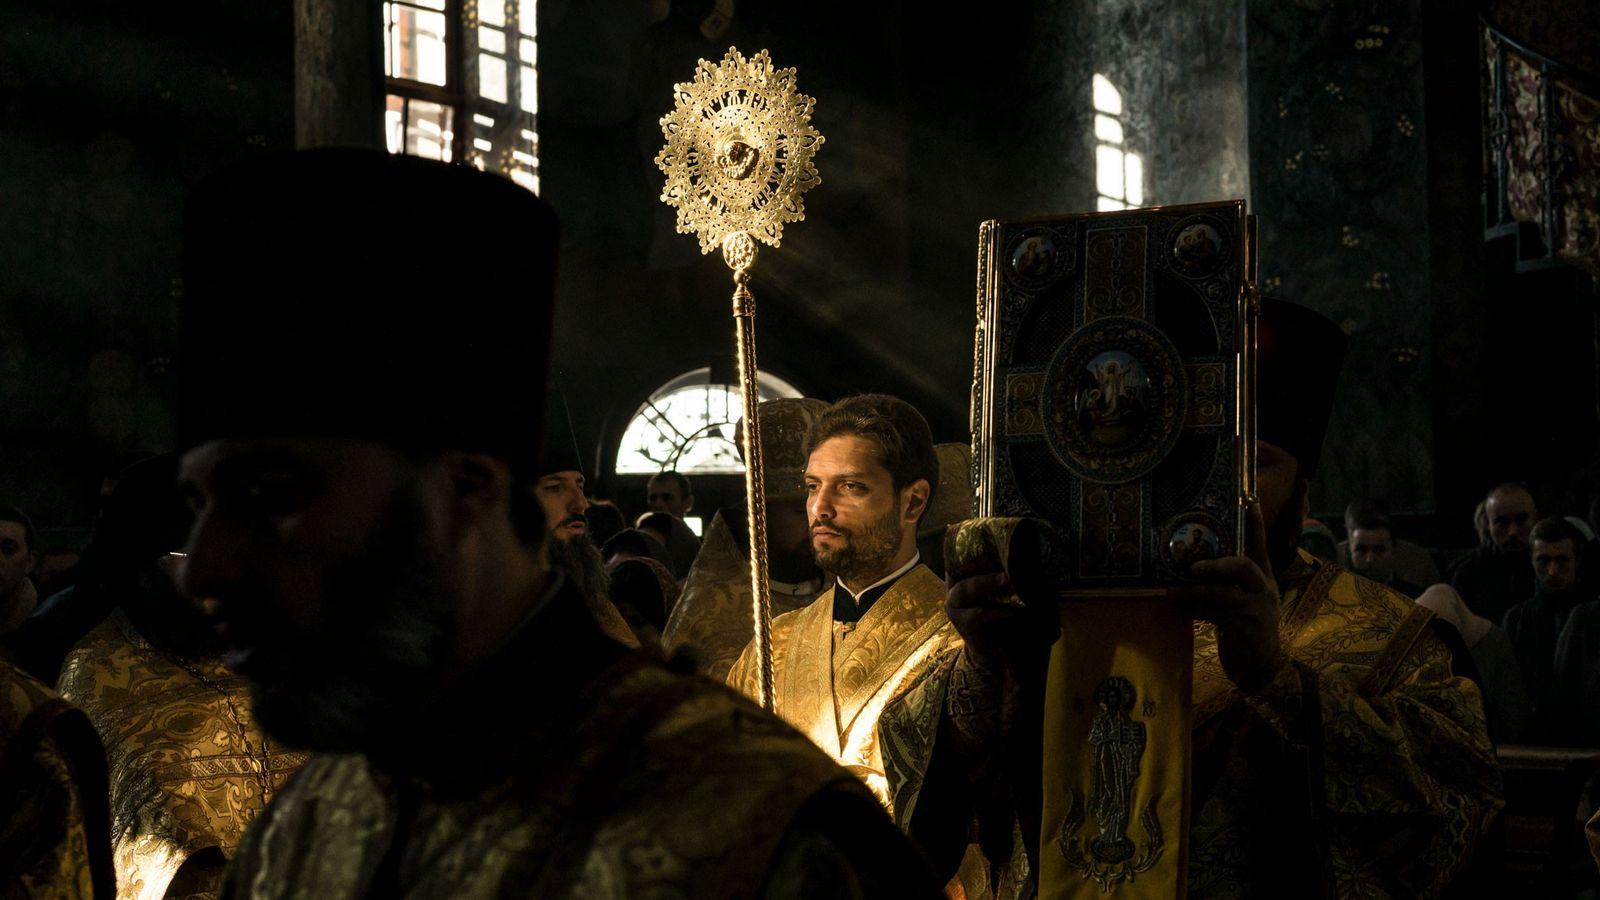 Les anciennes iconographies et liturgies de l'Église orthodoxe font partie intégrante de l'histoire et de l'identité ...